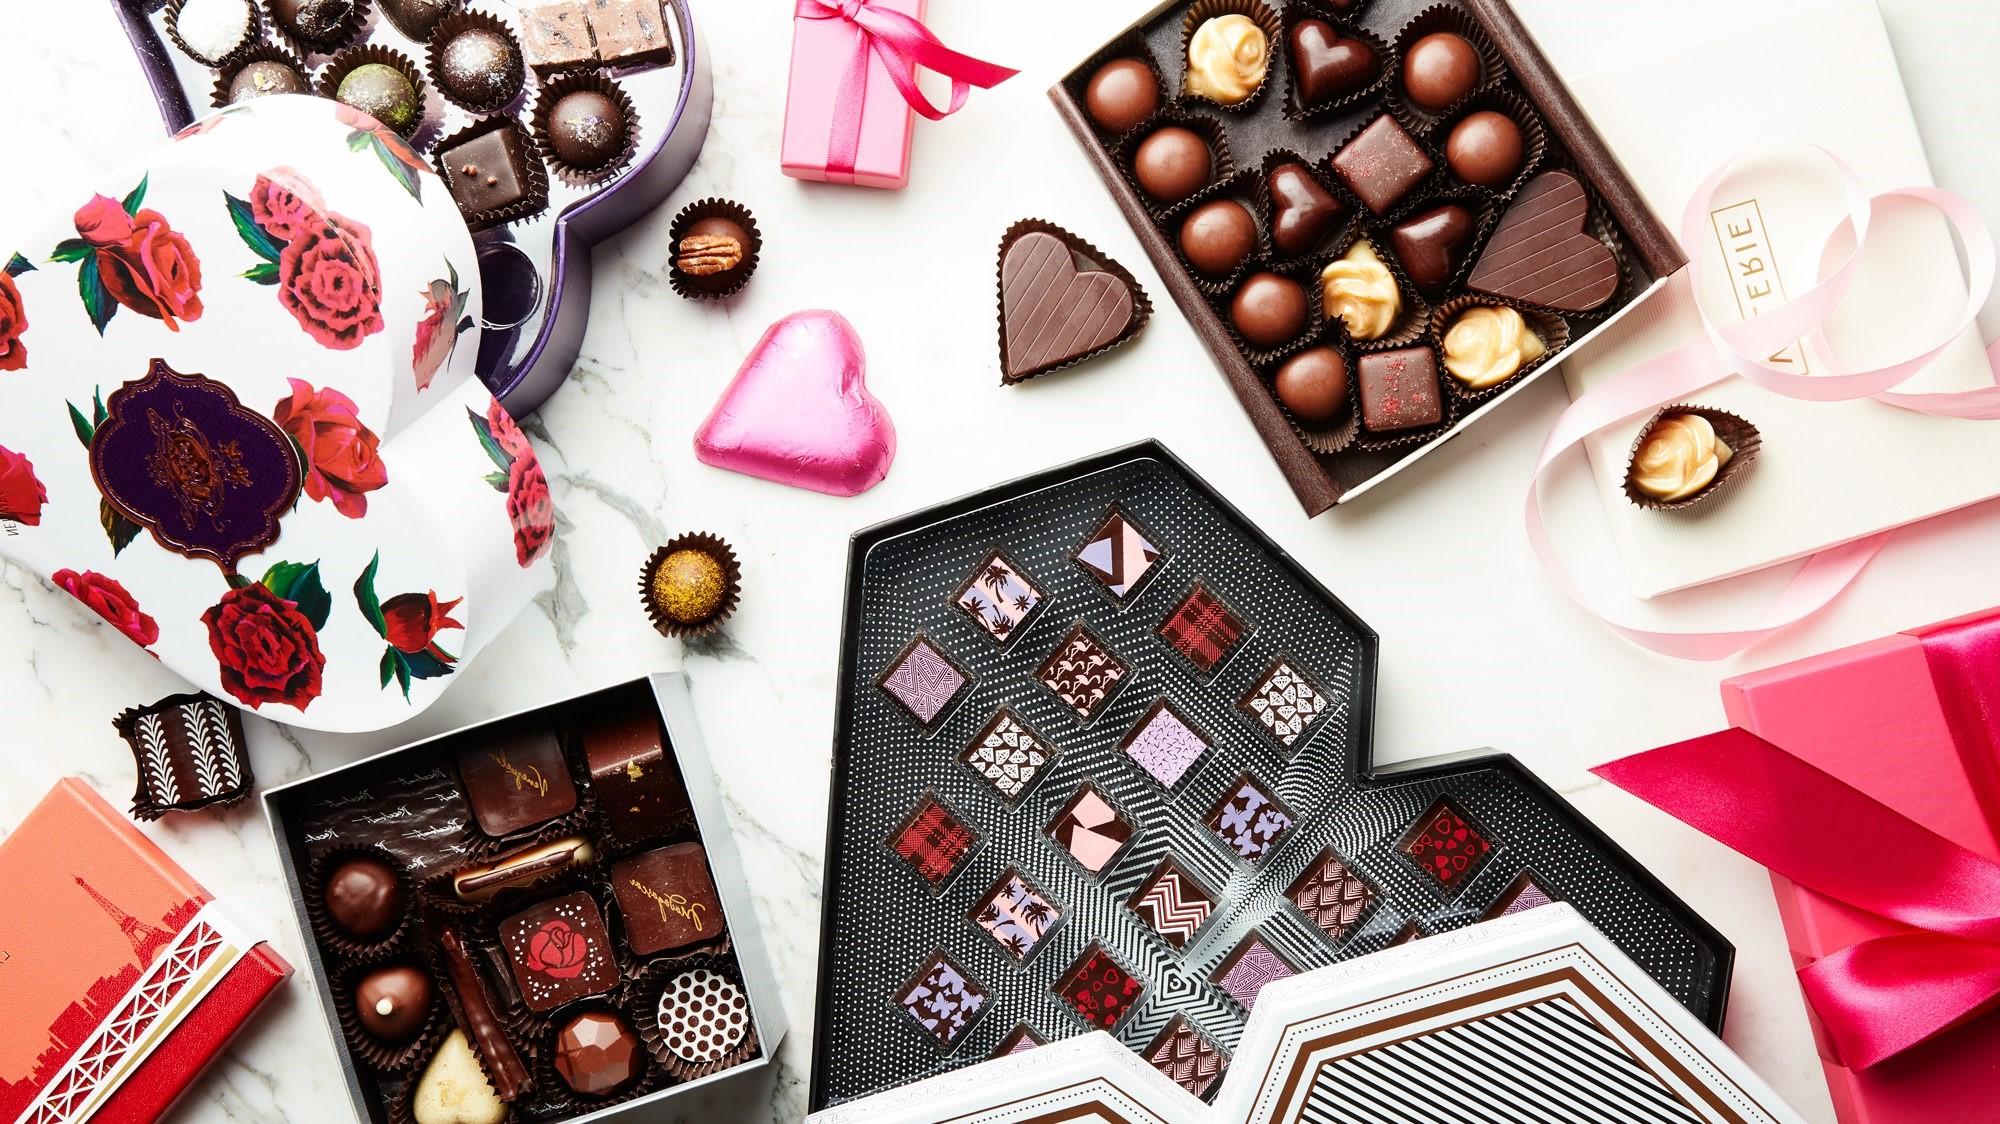 Idées de cadeau Saint Valentin pour homme - surprise sucrée.